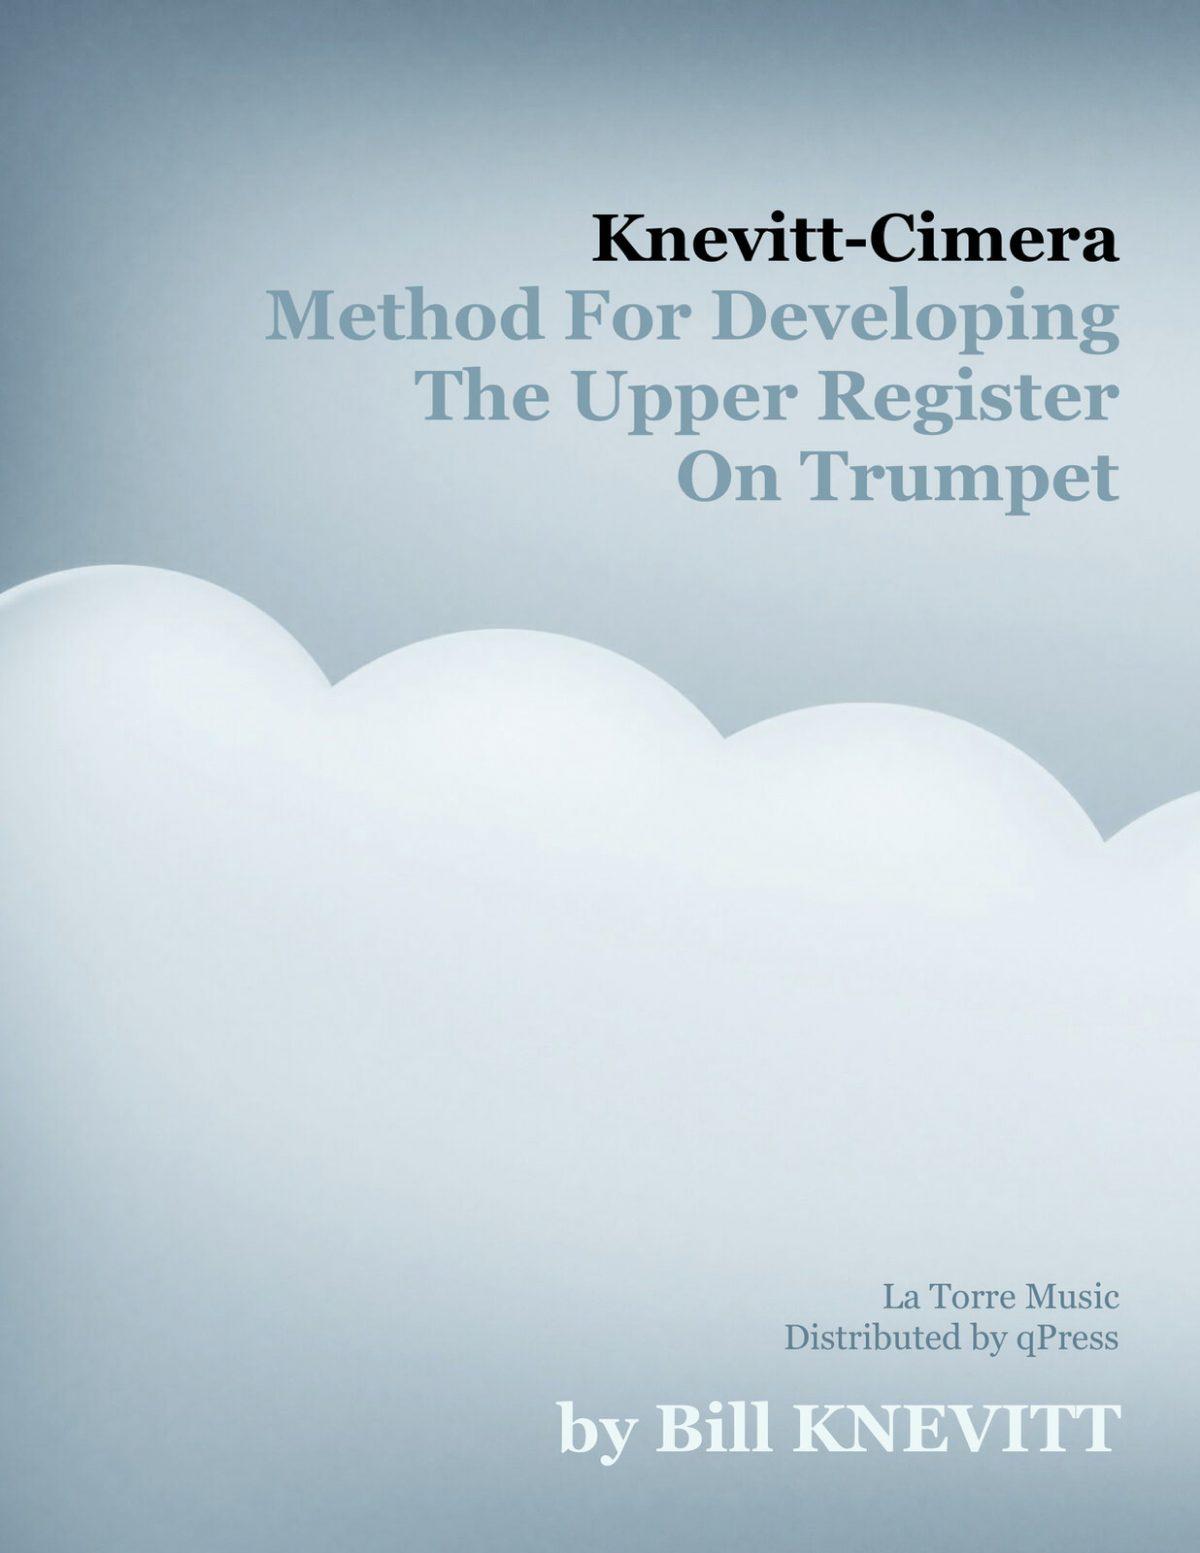 Knevitt-Cimera, Method for Developing the Upper Register on Trumpet